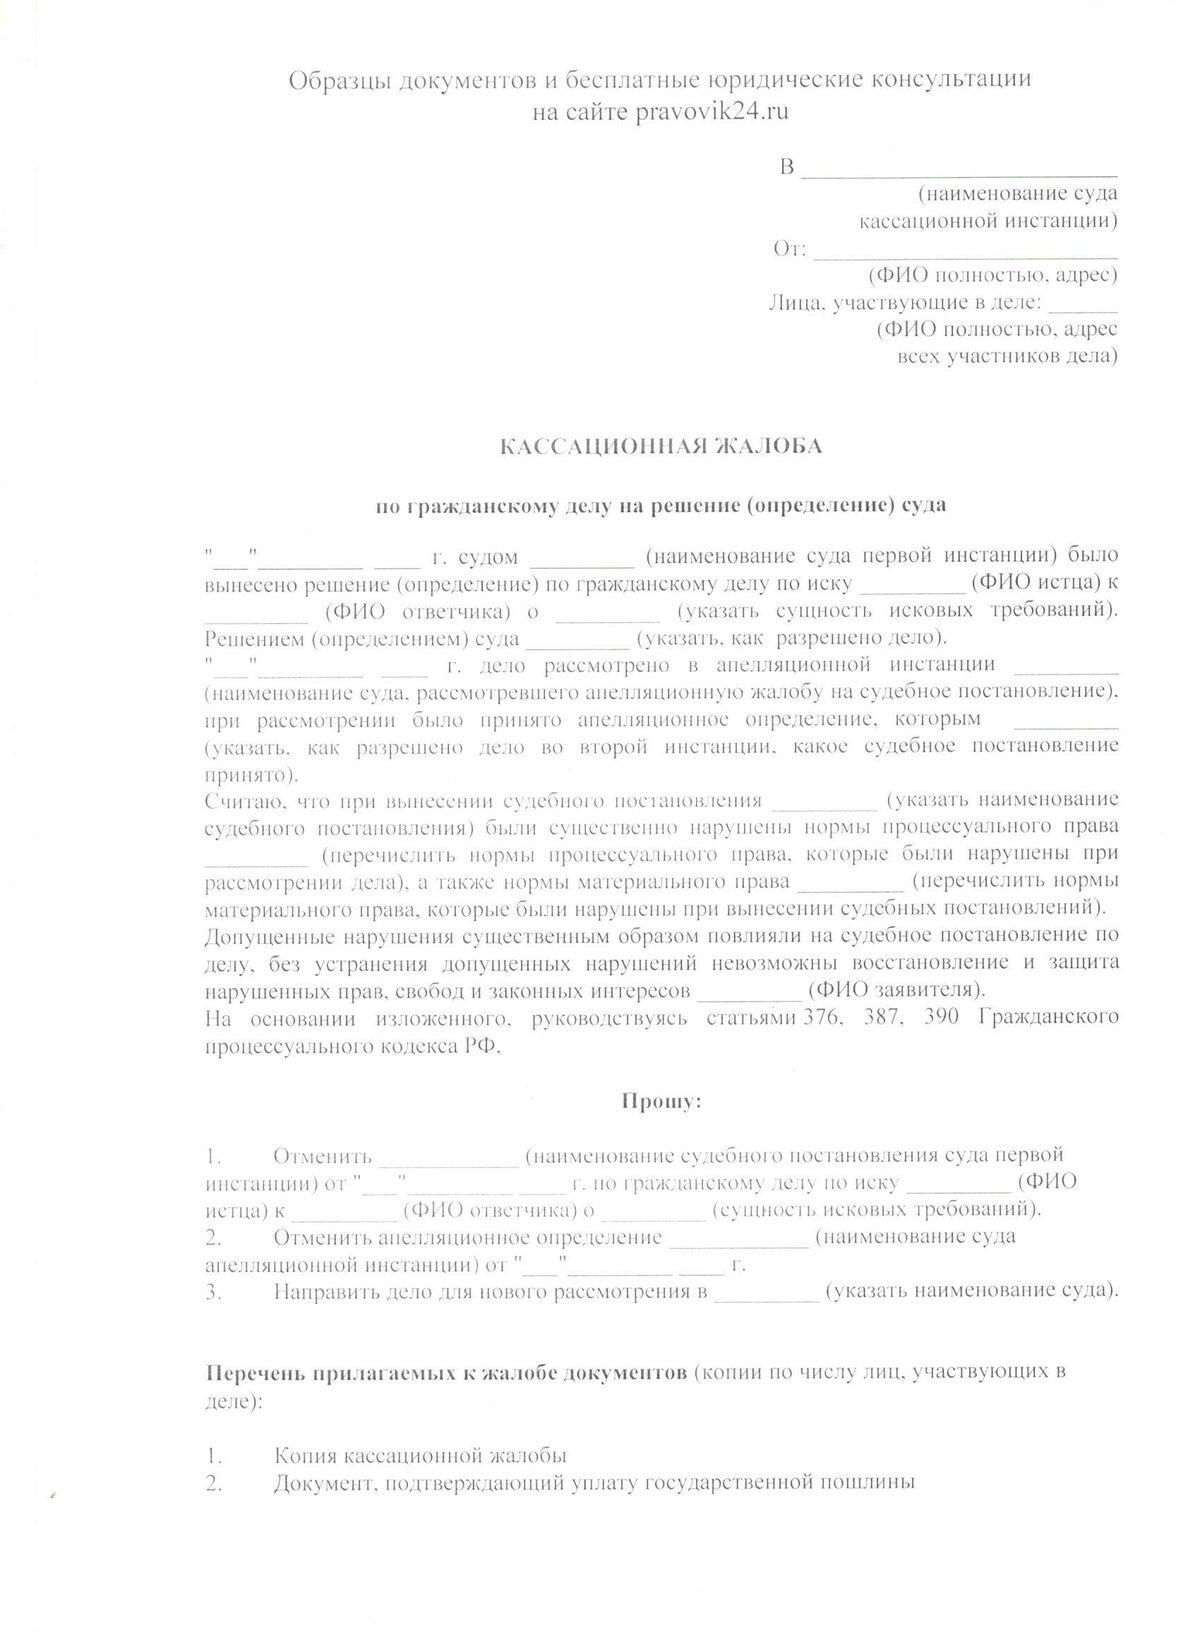 кассационная жалоба ответчика по гражданскому делу